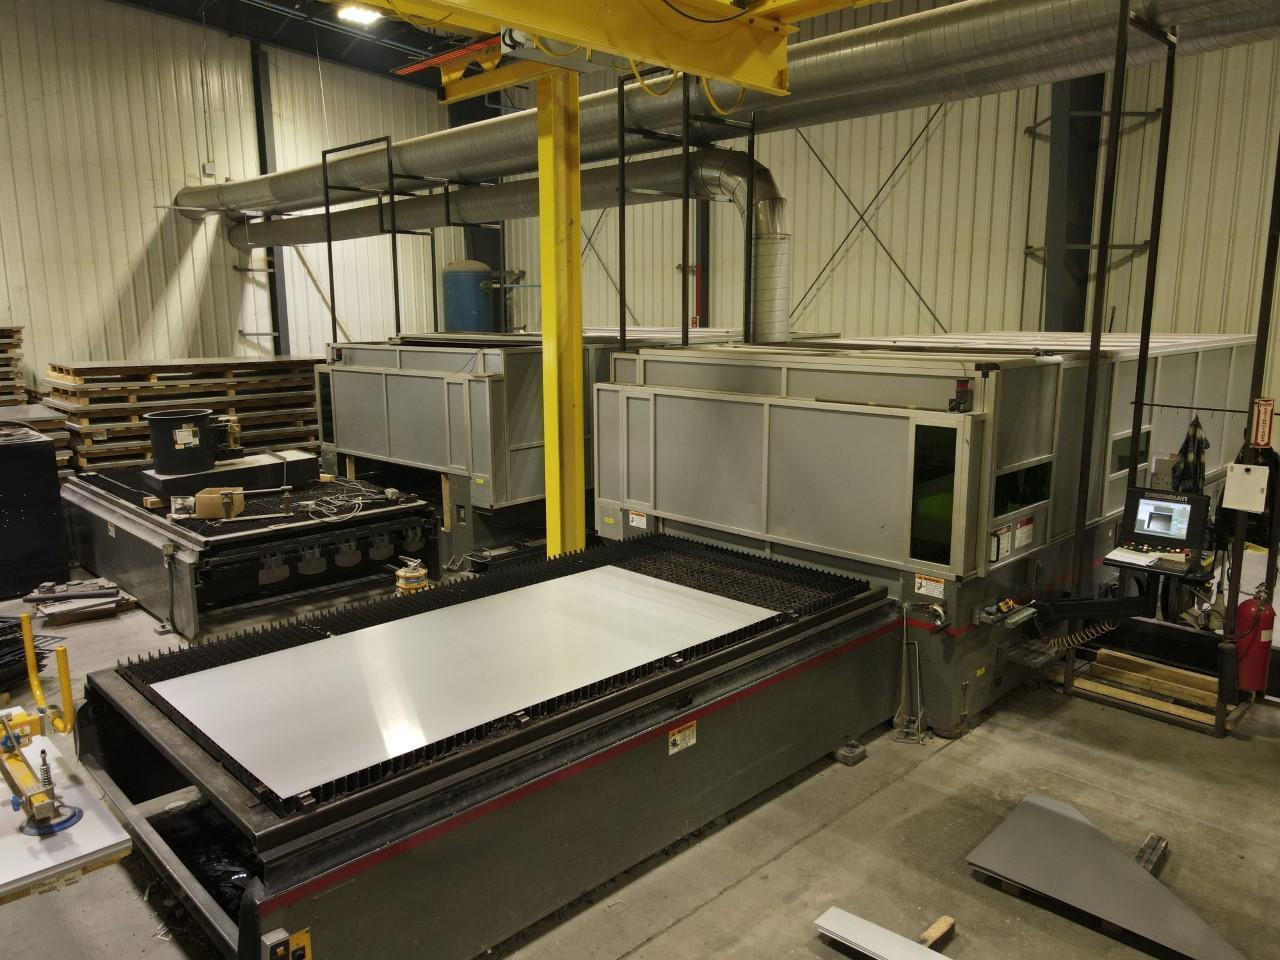 2014 Cincinnati CL940, 6x12, 4000 Watt Fiber Laser